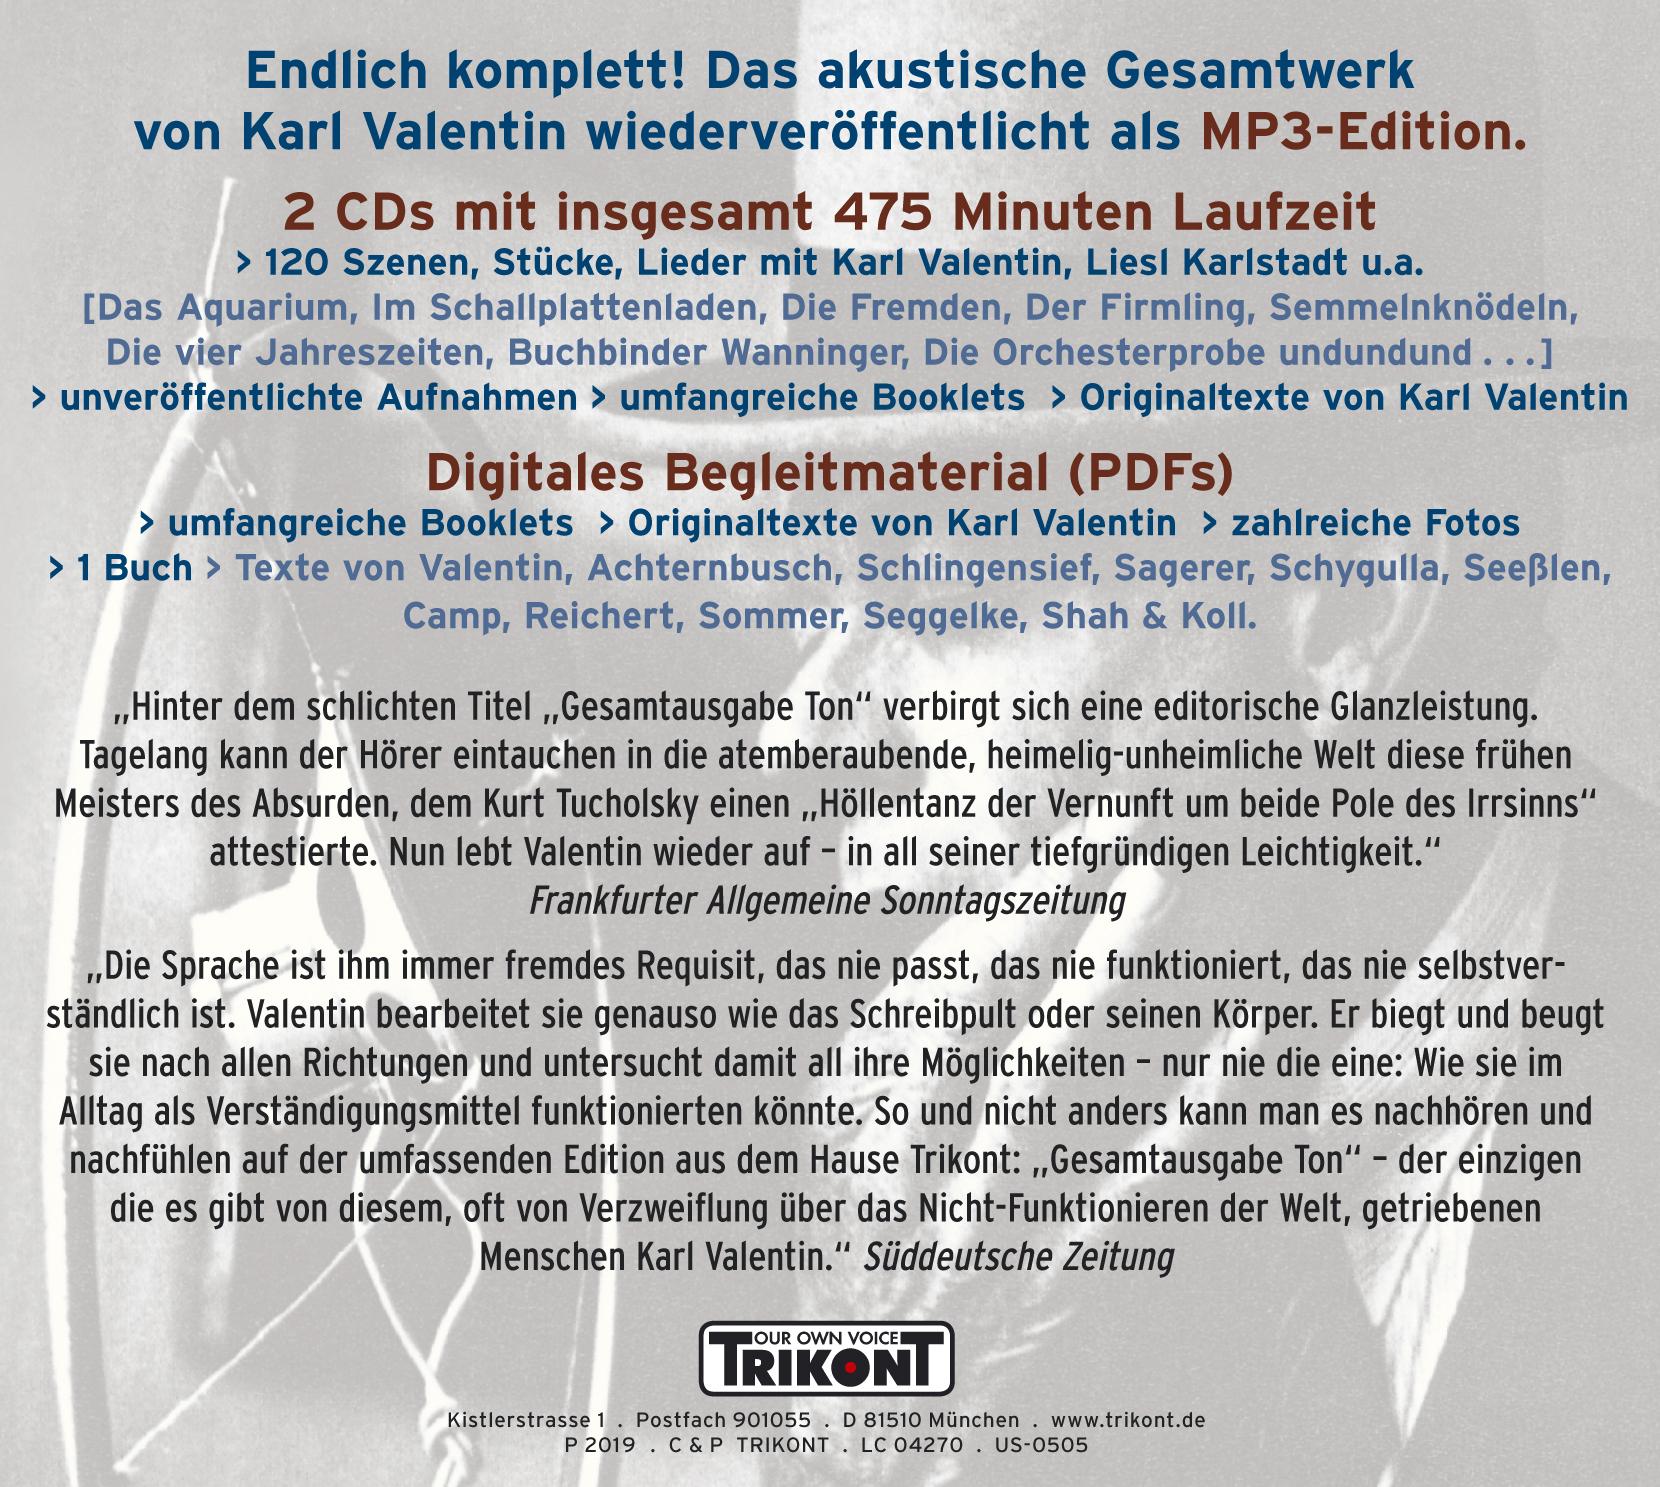 Karl Valentin - Gesamtausgabe Ton / 1928-1947 (MP3-Version) 1